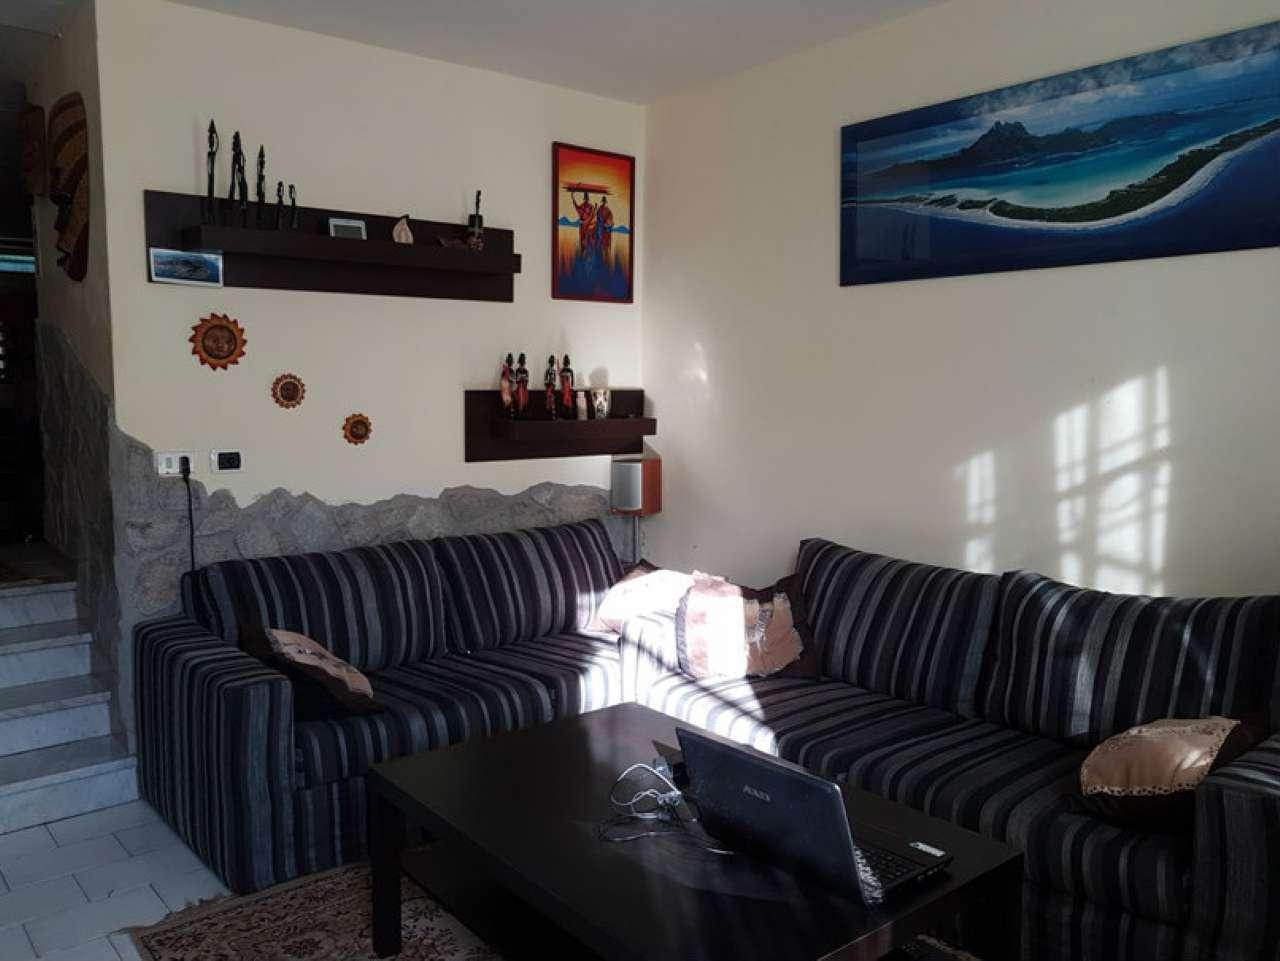 Palazzo / Stabile in vendita a Riccò del Golfo di Spezia, 5 locali, prezzo € 130.000 | Cambio Casa.it